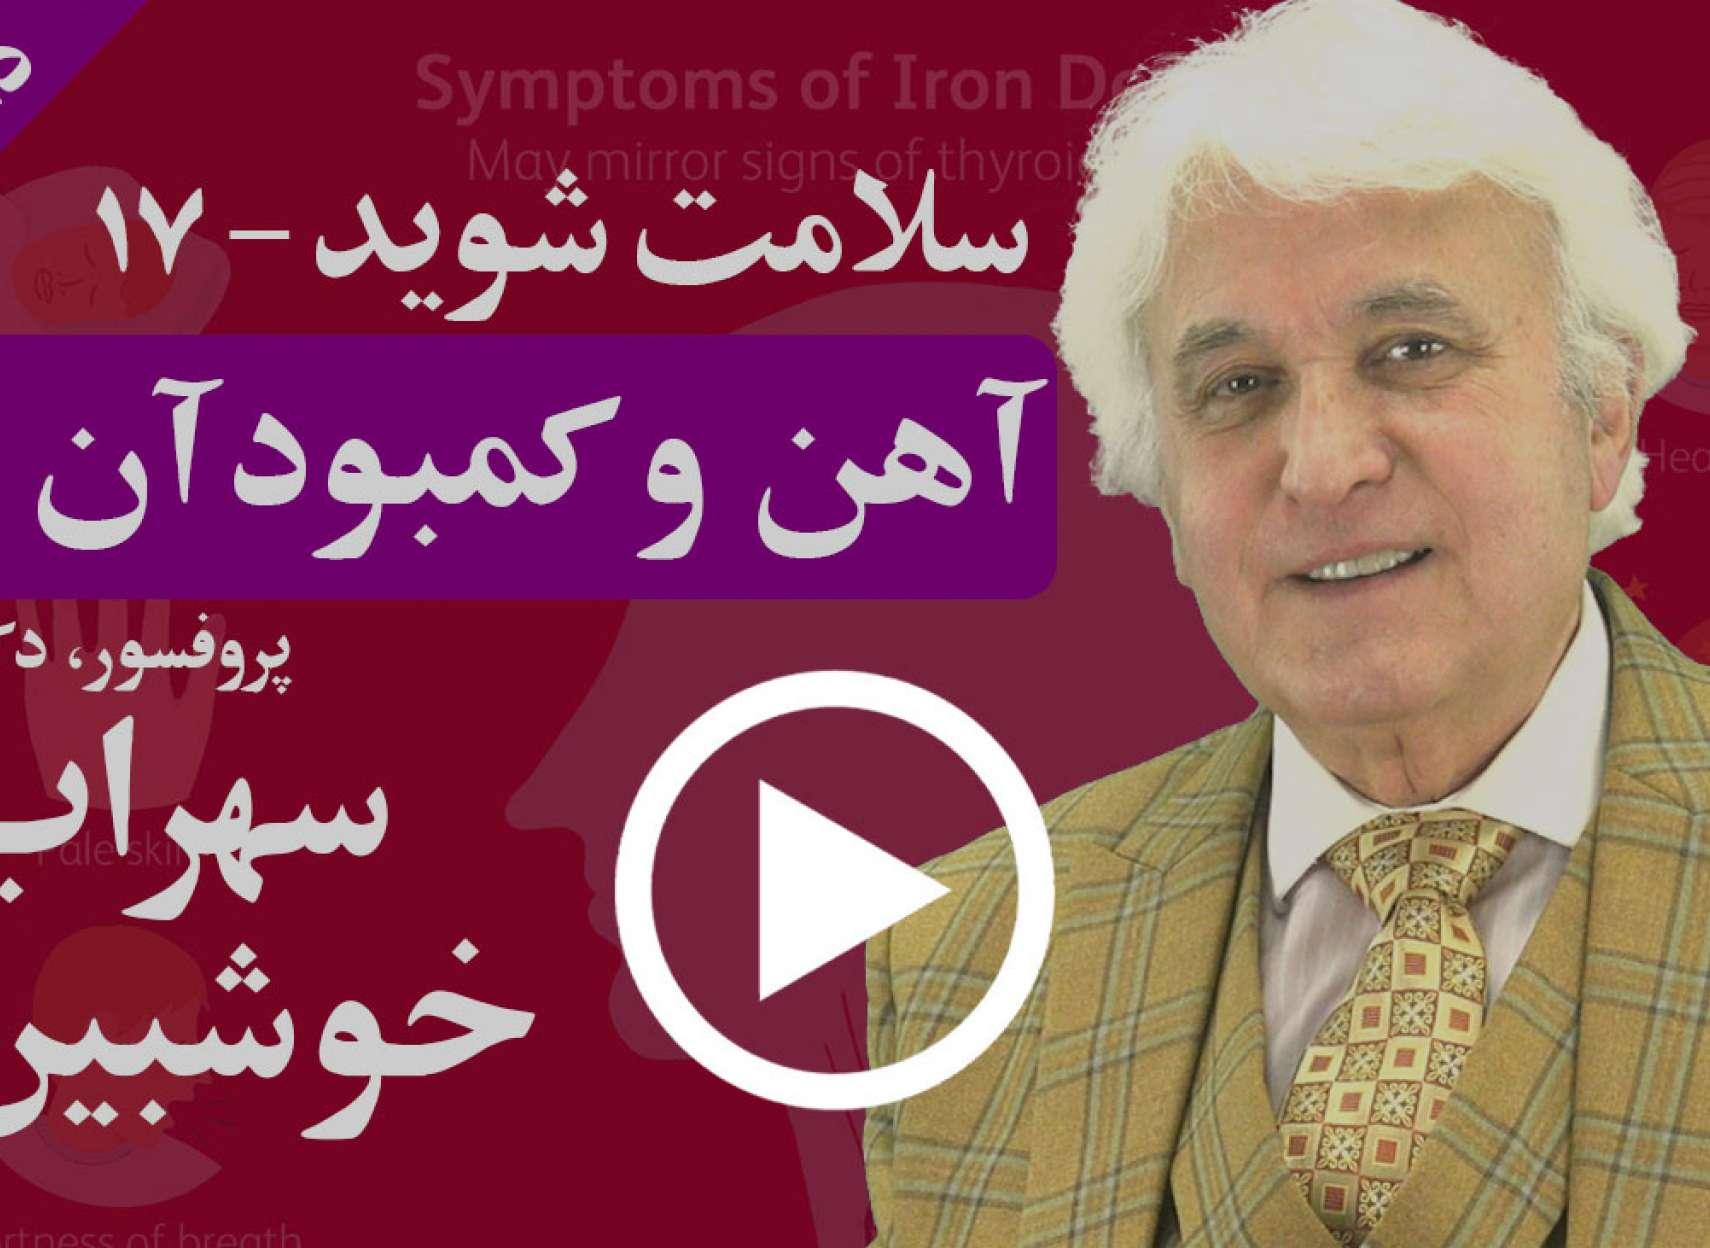 بیماری کمبود آهن چیست و چگونه می توان به آسانی و طبیعی درمانش کرد؟